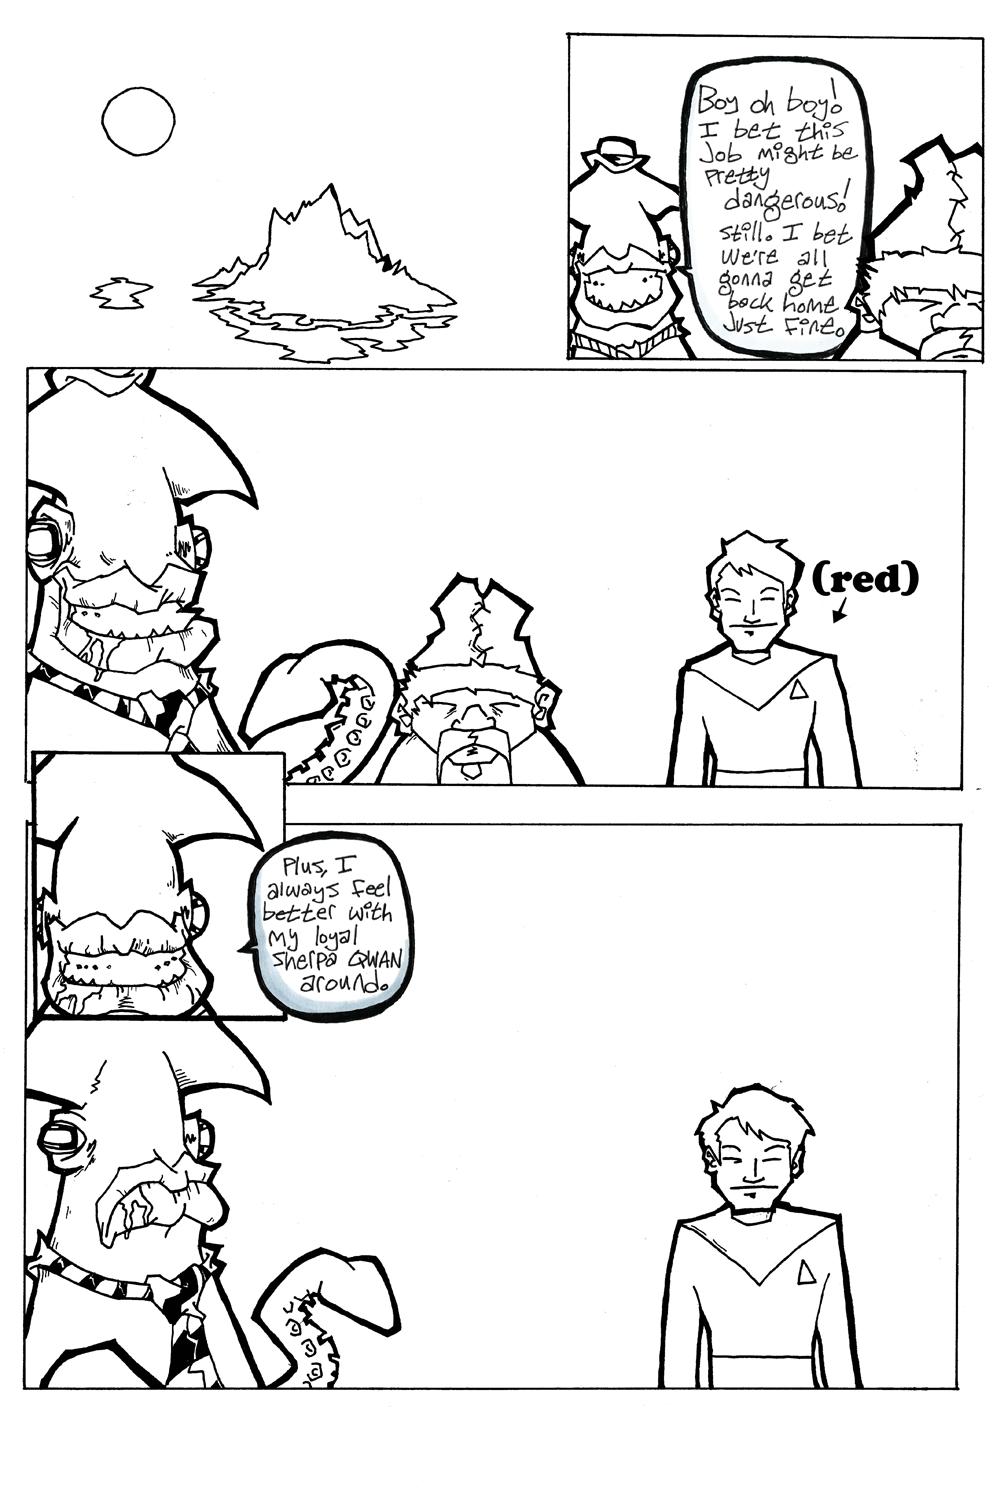 Fantastic Crap Comics